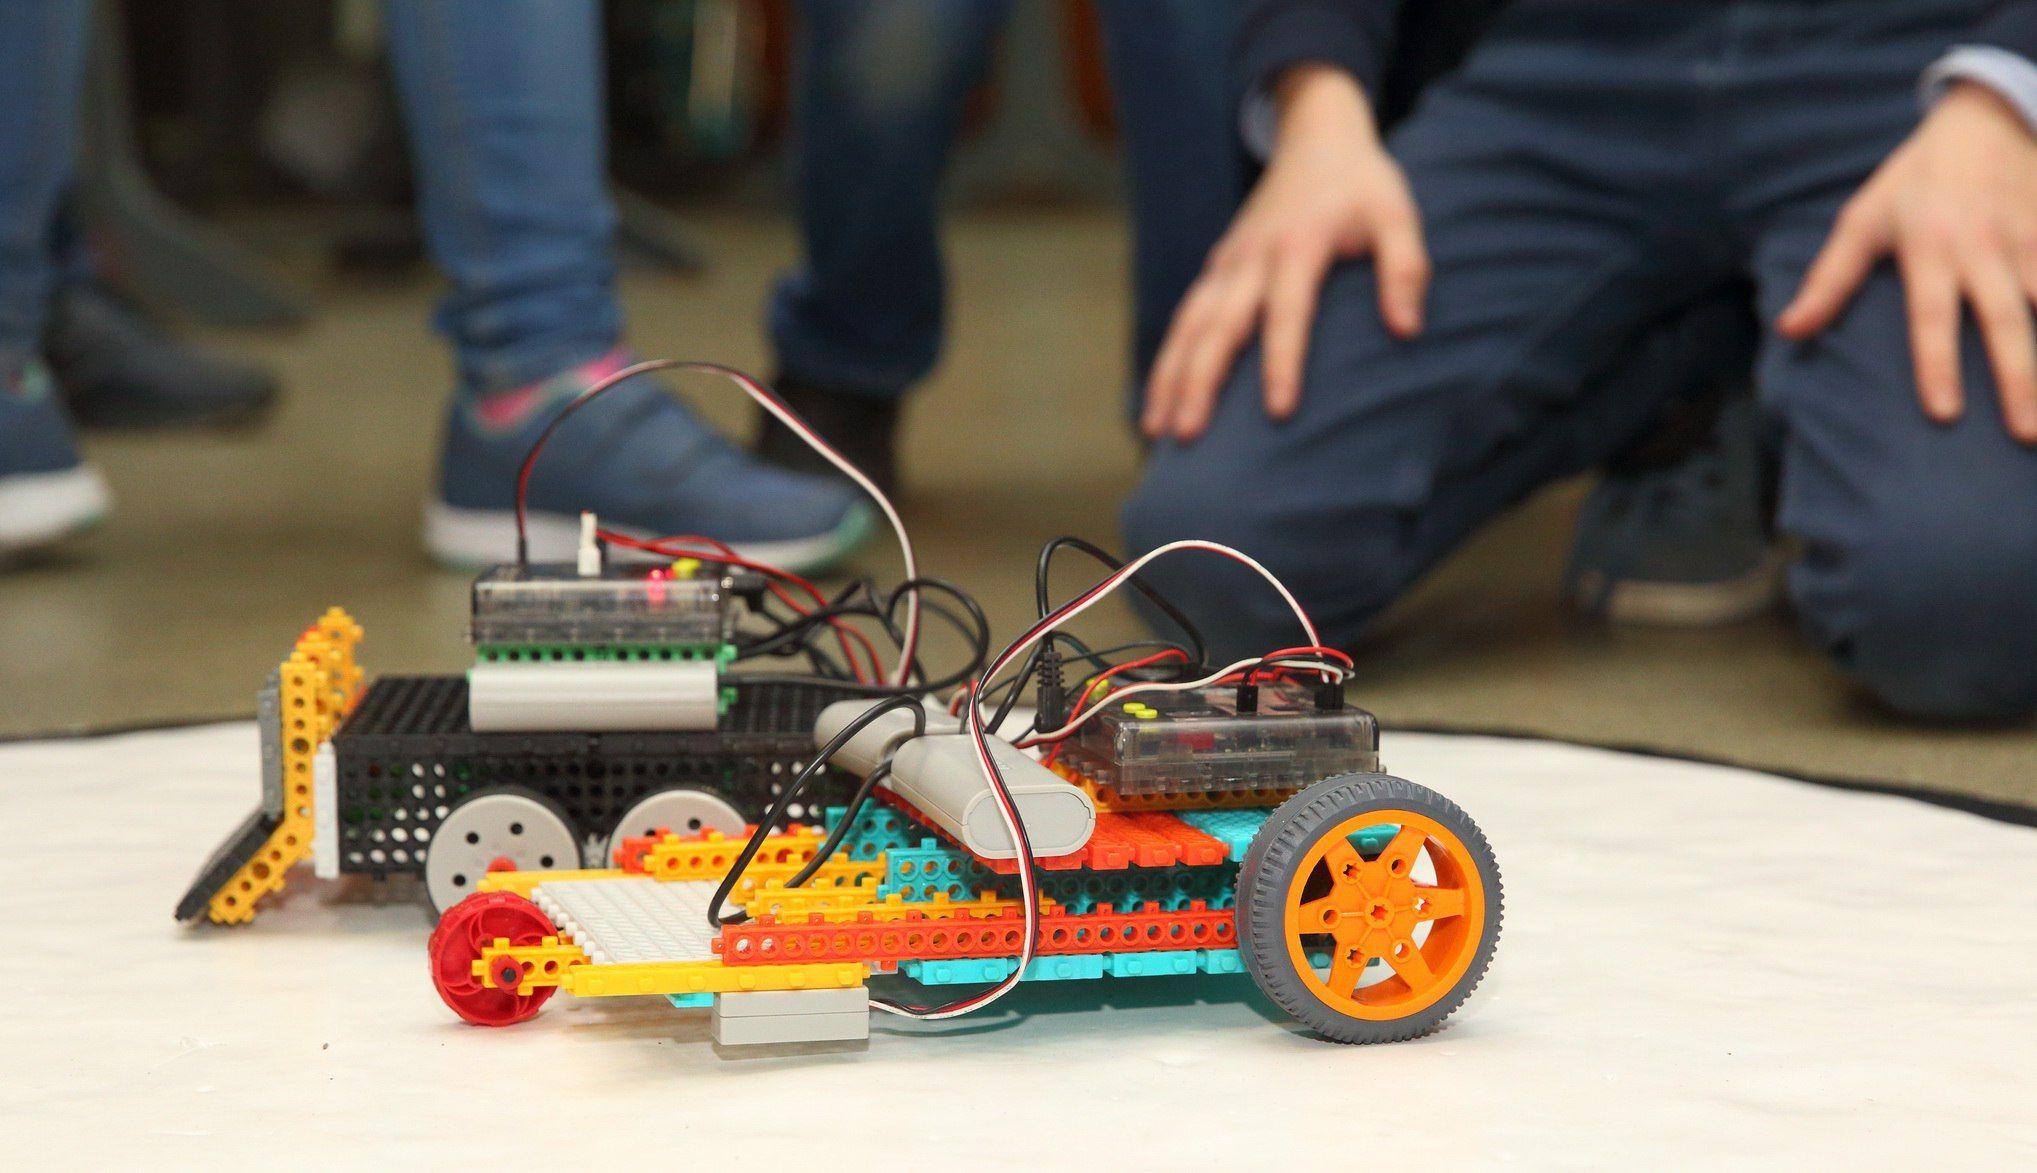 Будущее за ними: о том, как ребята «умных»роботов создают